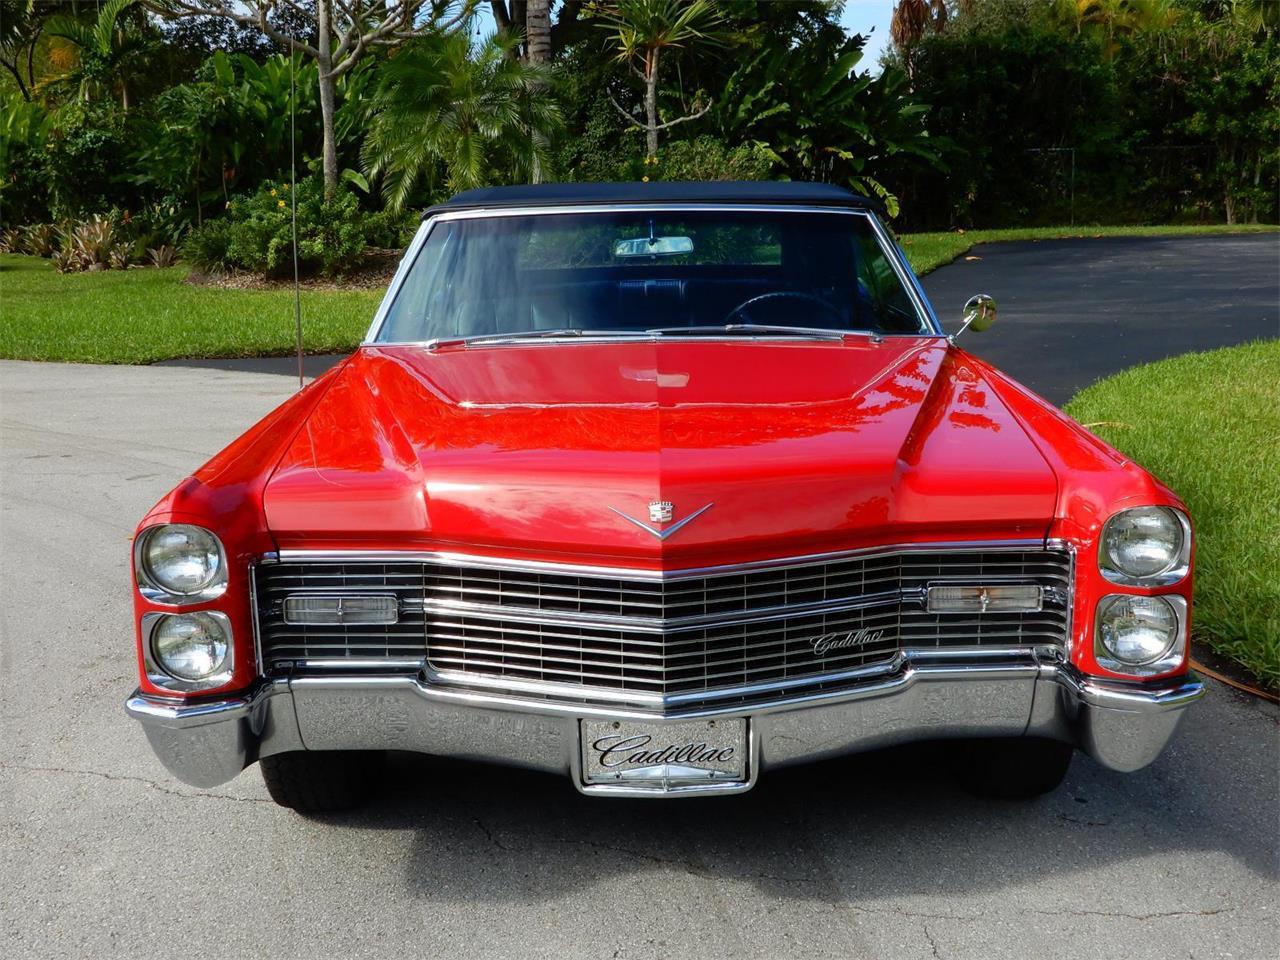 1966 Cadillac DeVille for sale in Miami, FL ...